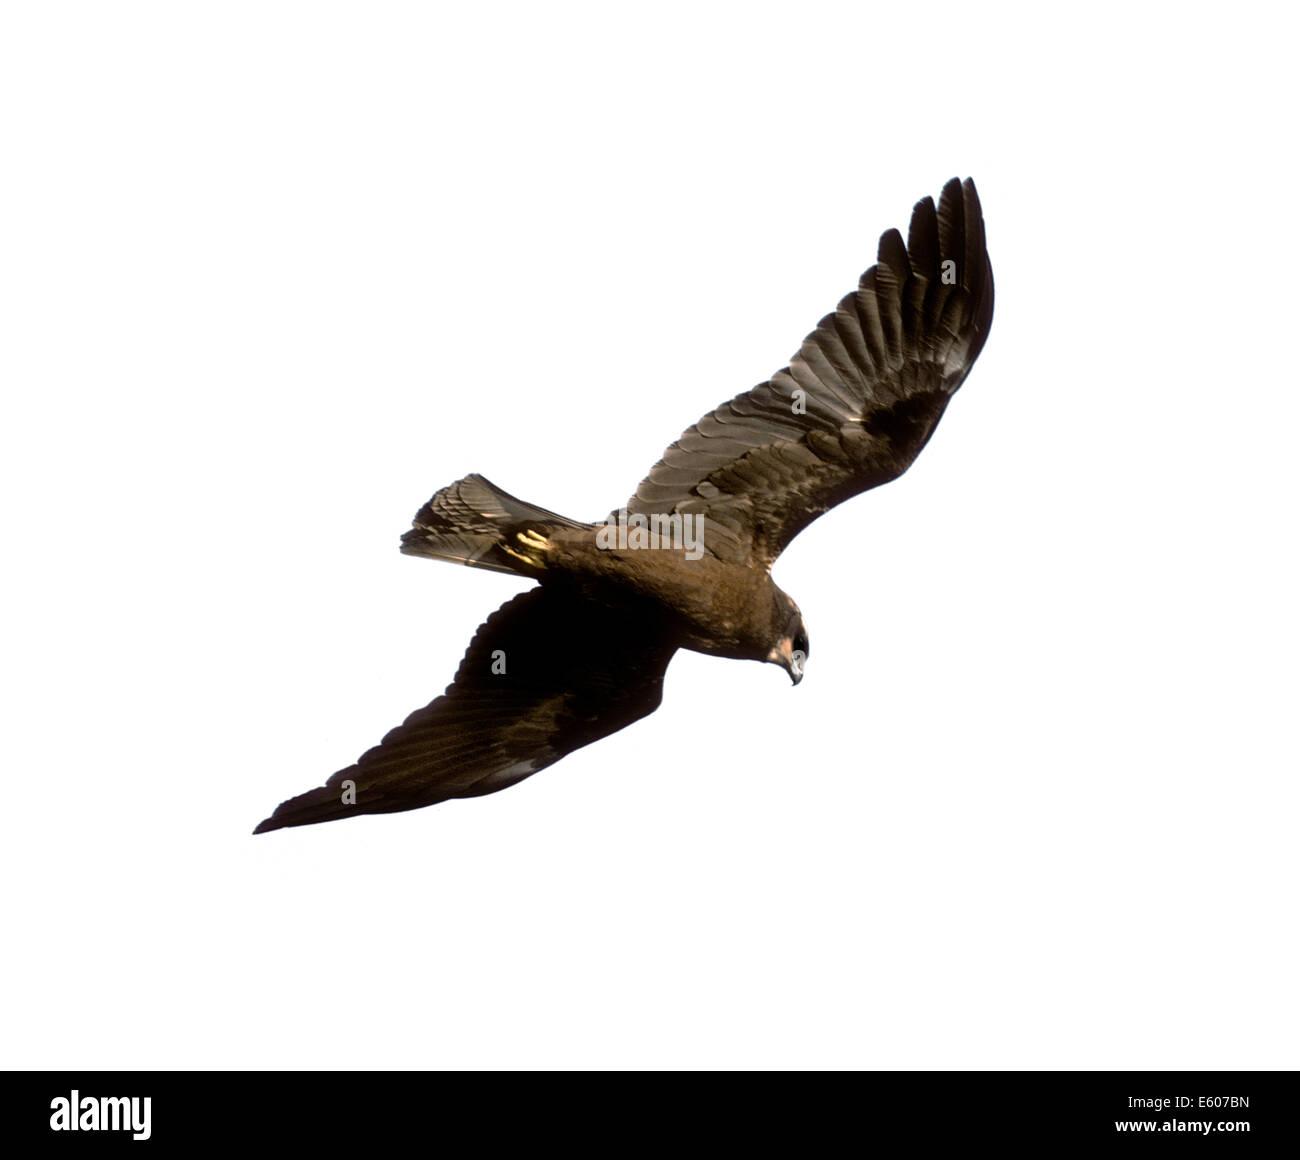 Marsh Harrier Circus aeruginosus - Stock Image